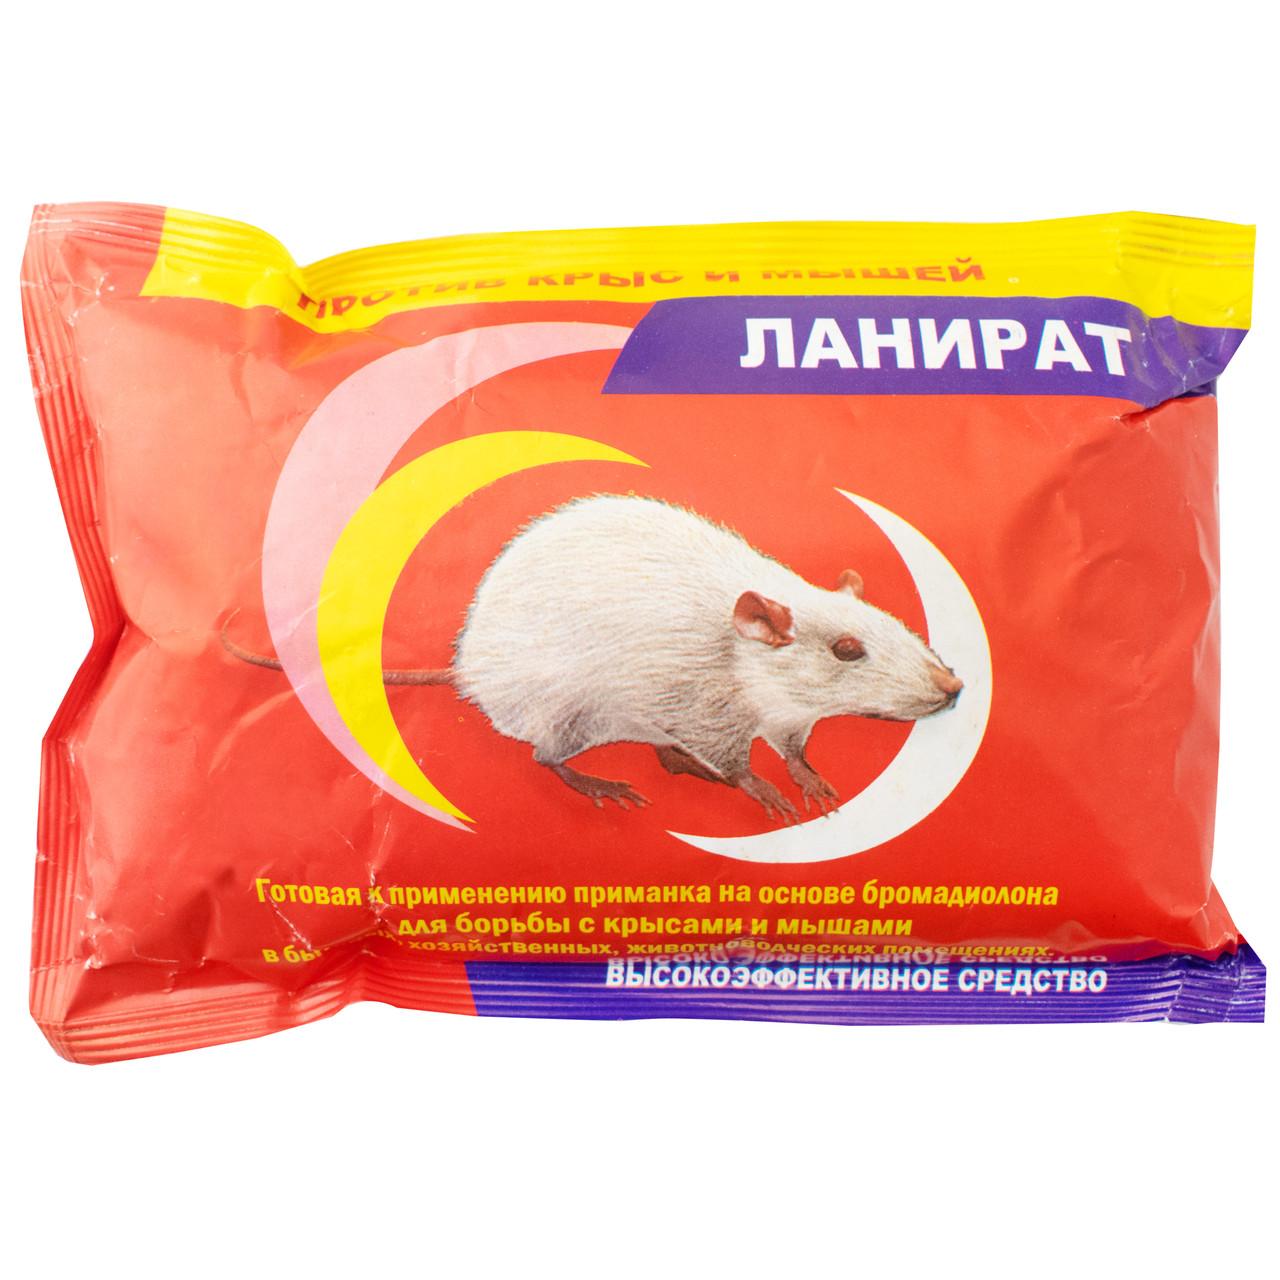 Зерно від щурів і мишей Ланират 500 г